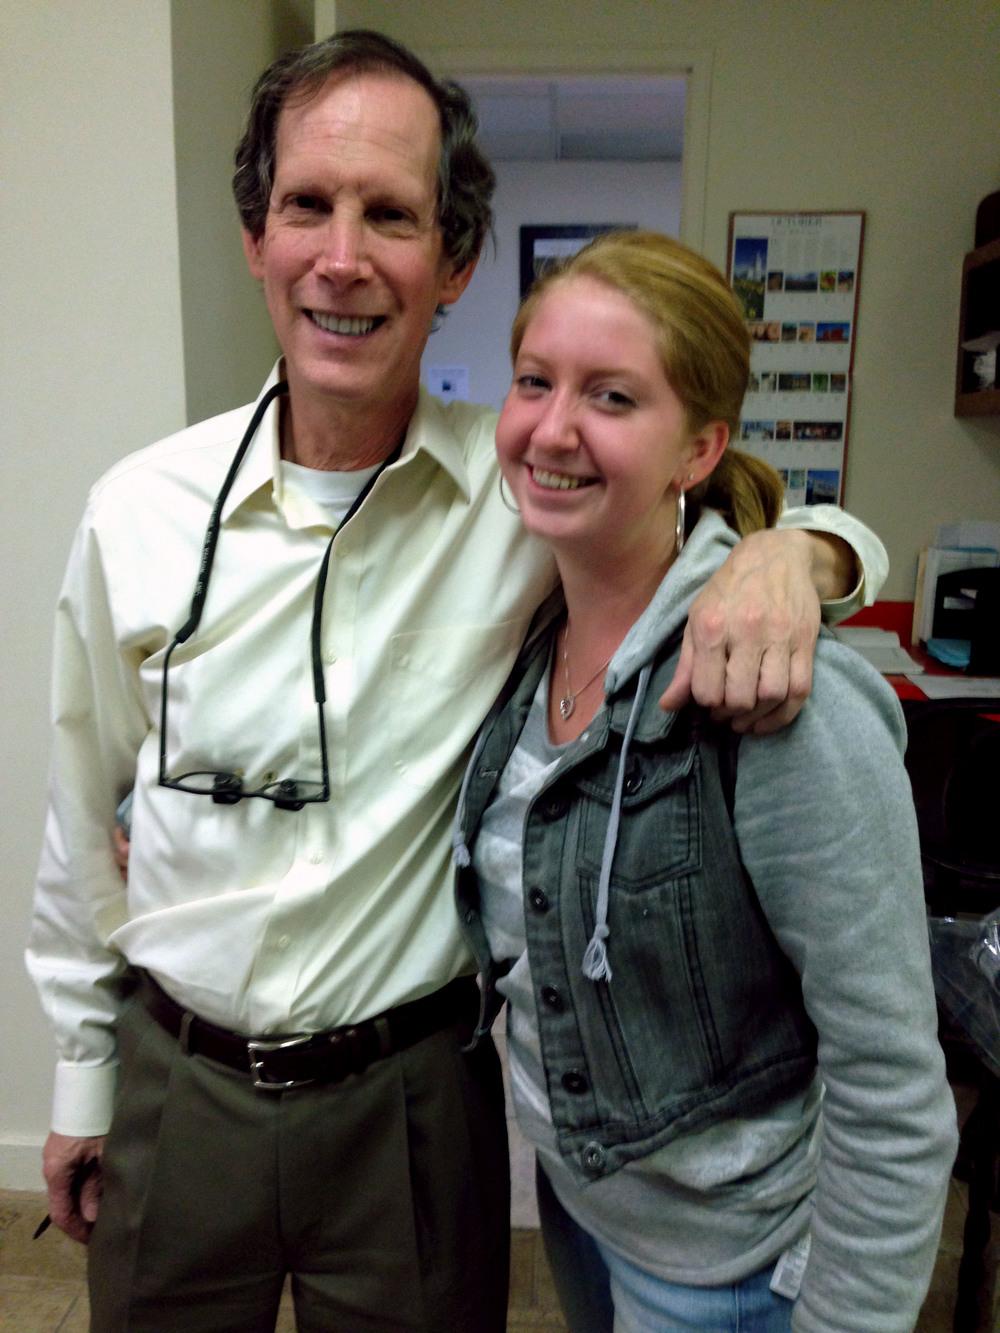 Copy of dr. halberstadt with an orthodontics patient